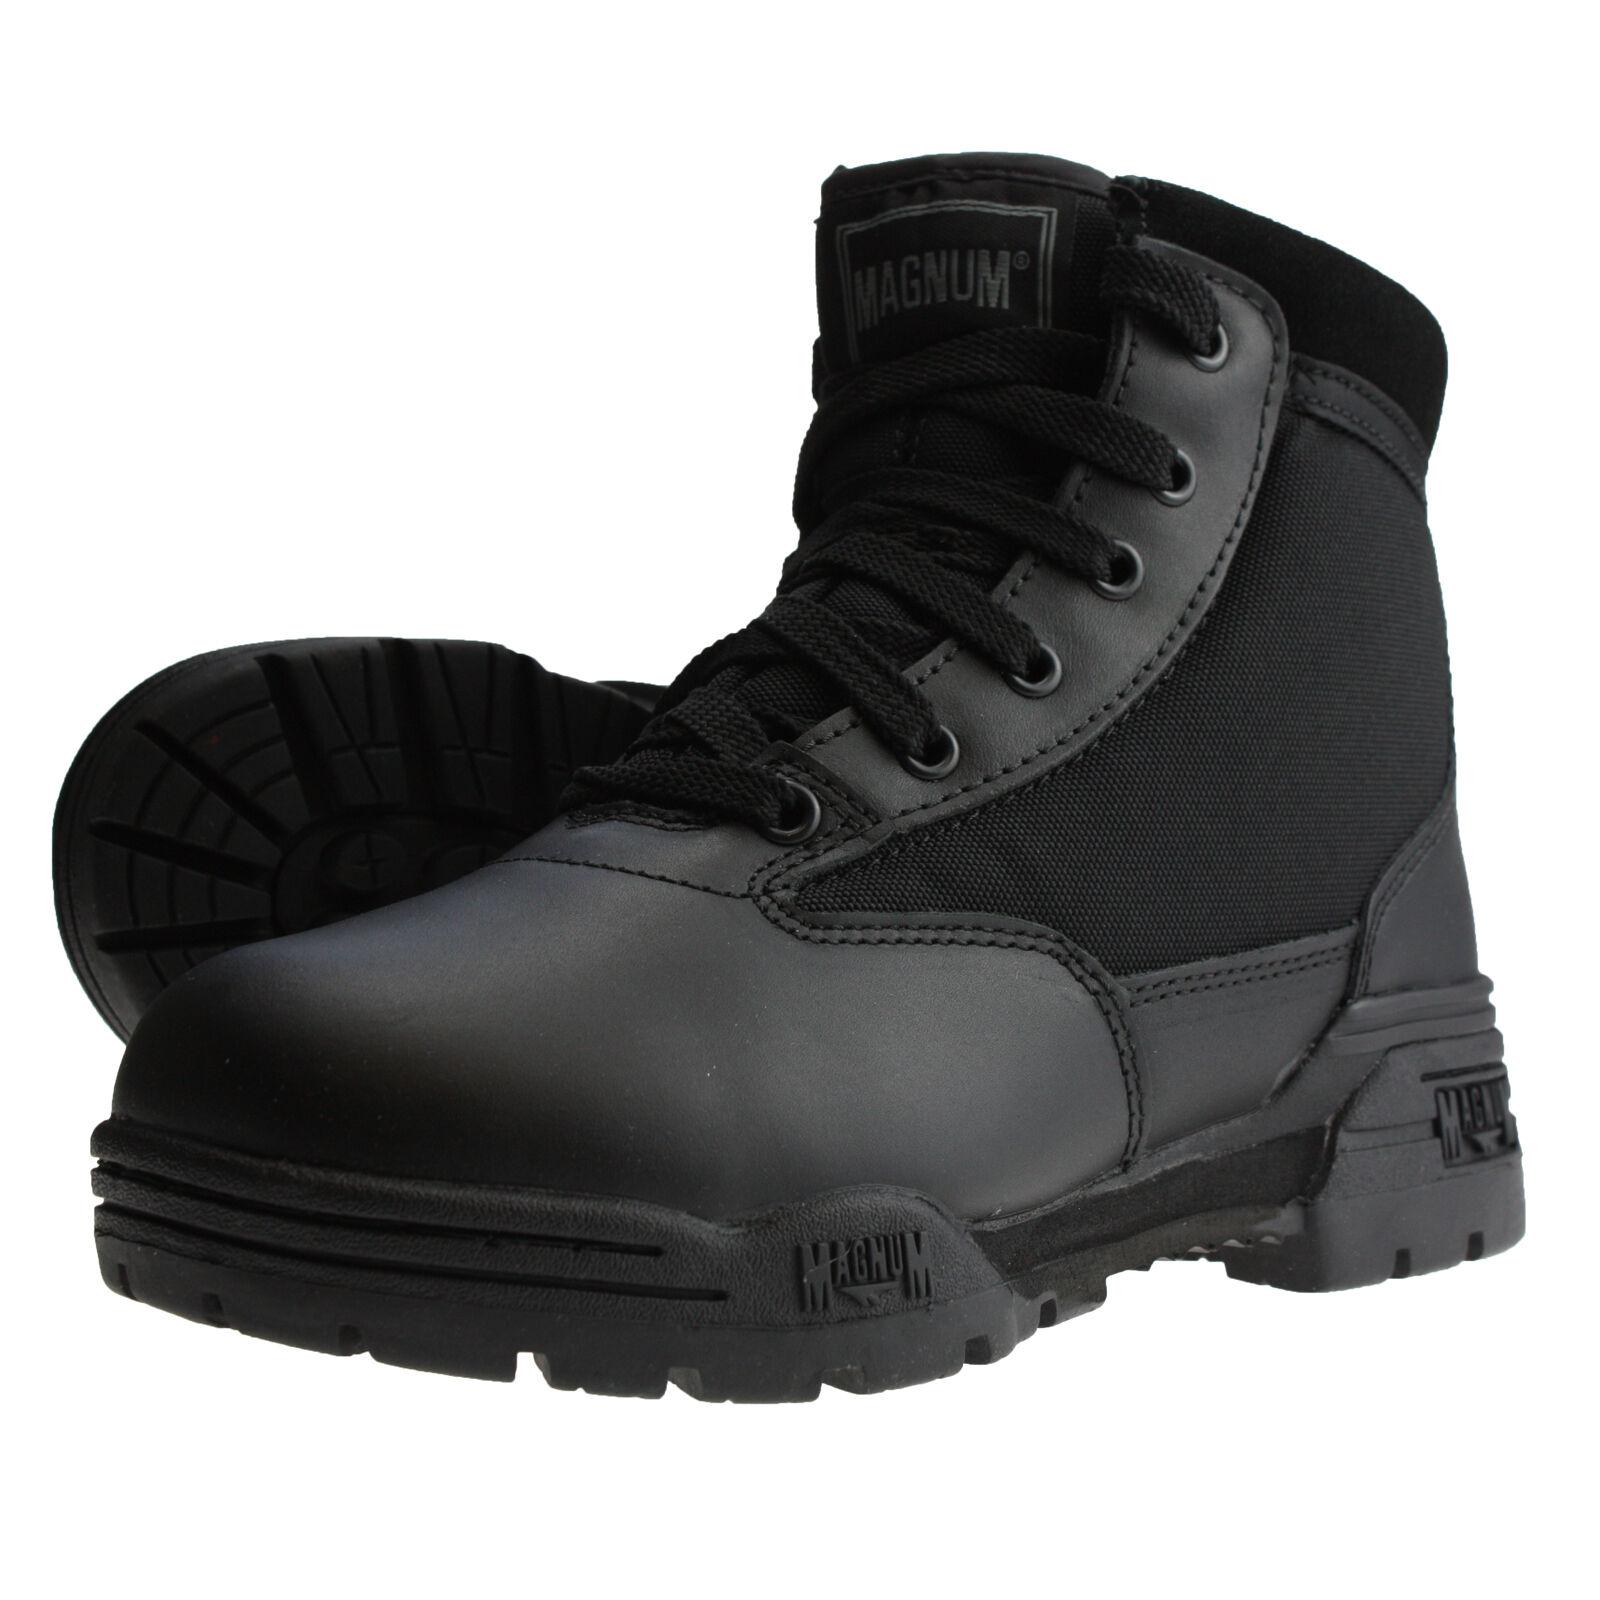 Magnum HiTec Classic MID Boots - schwarzer Stiefel für Security,Einsatz,Uniform